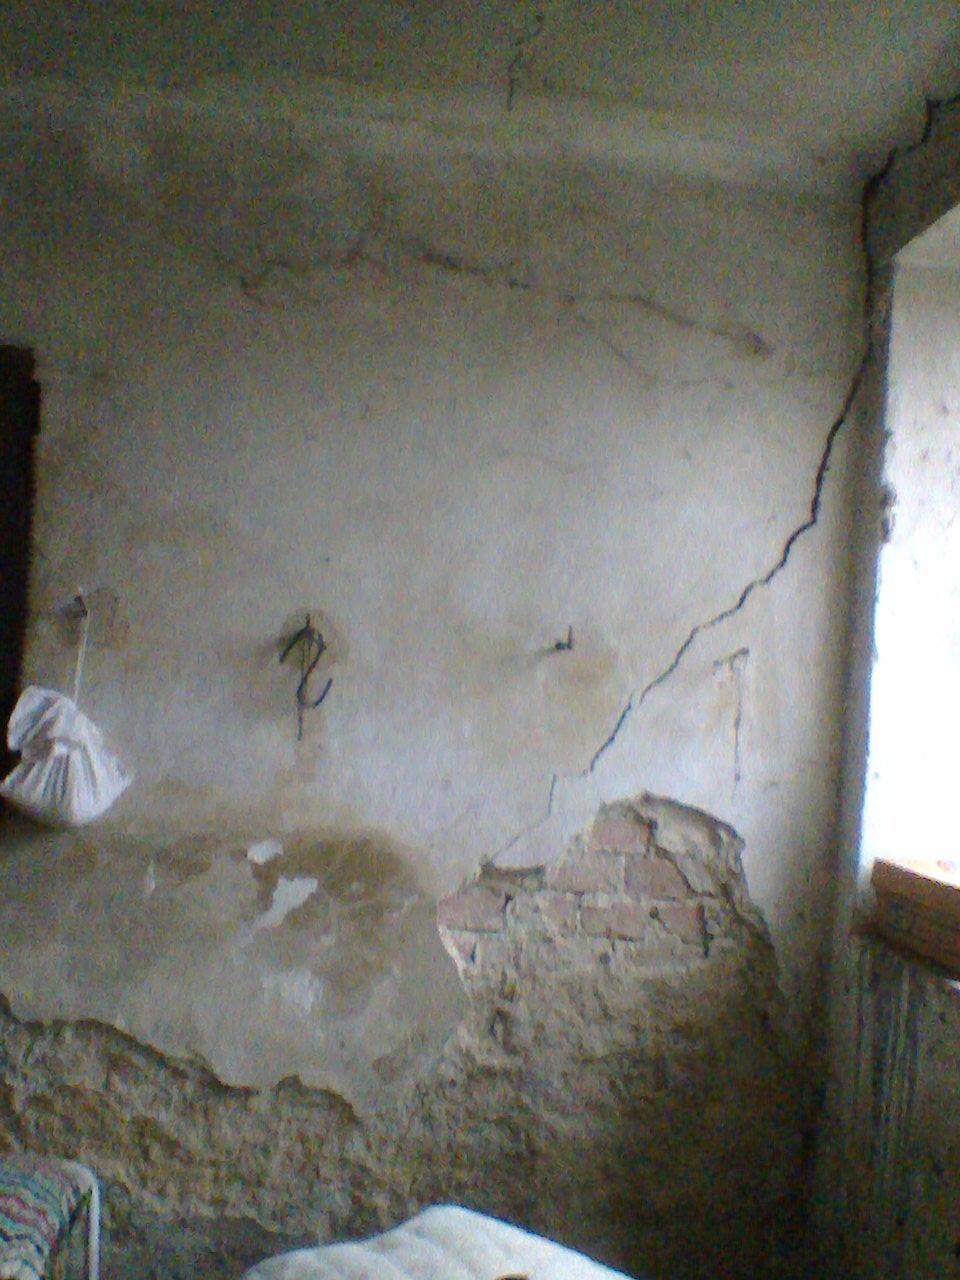 Altes Haus renovieren,wo anfangen?? | Selbst.de DIY Forum